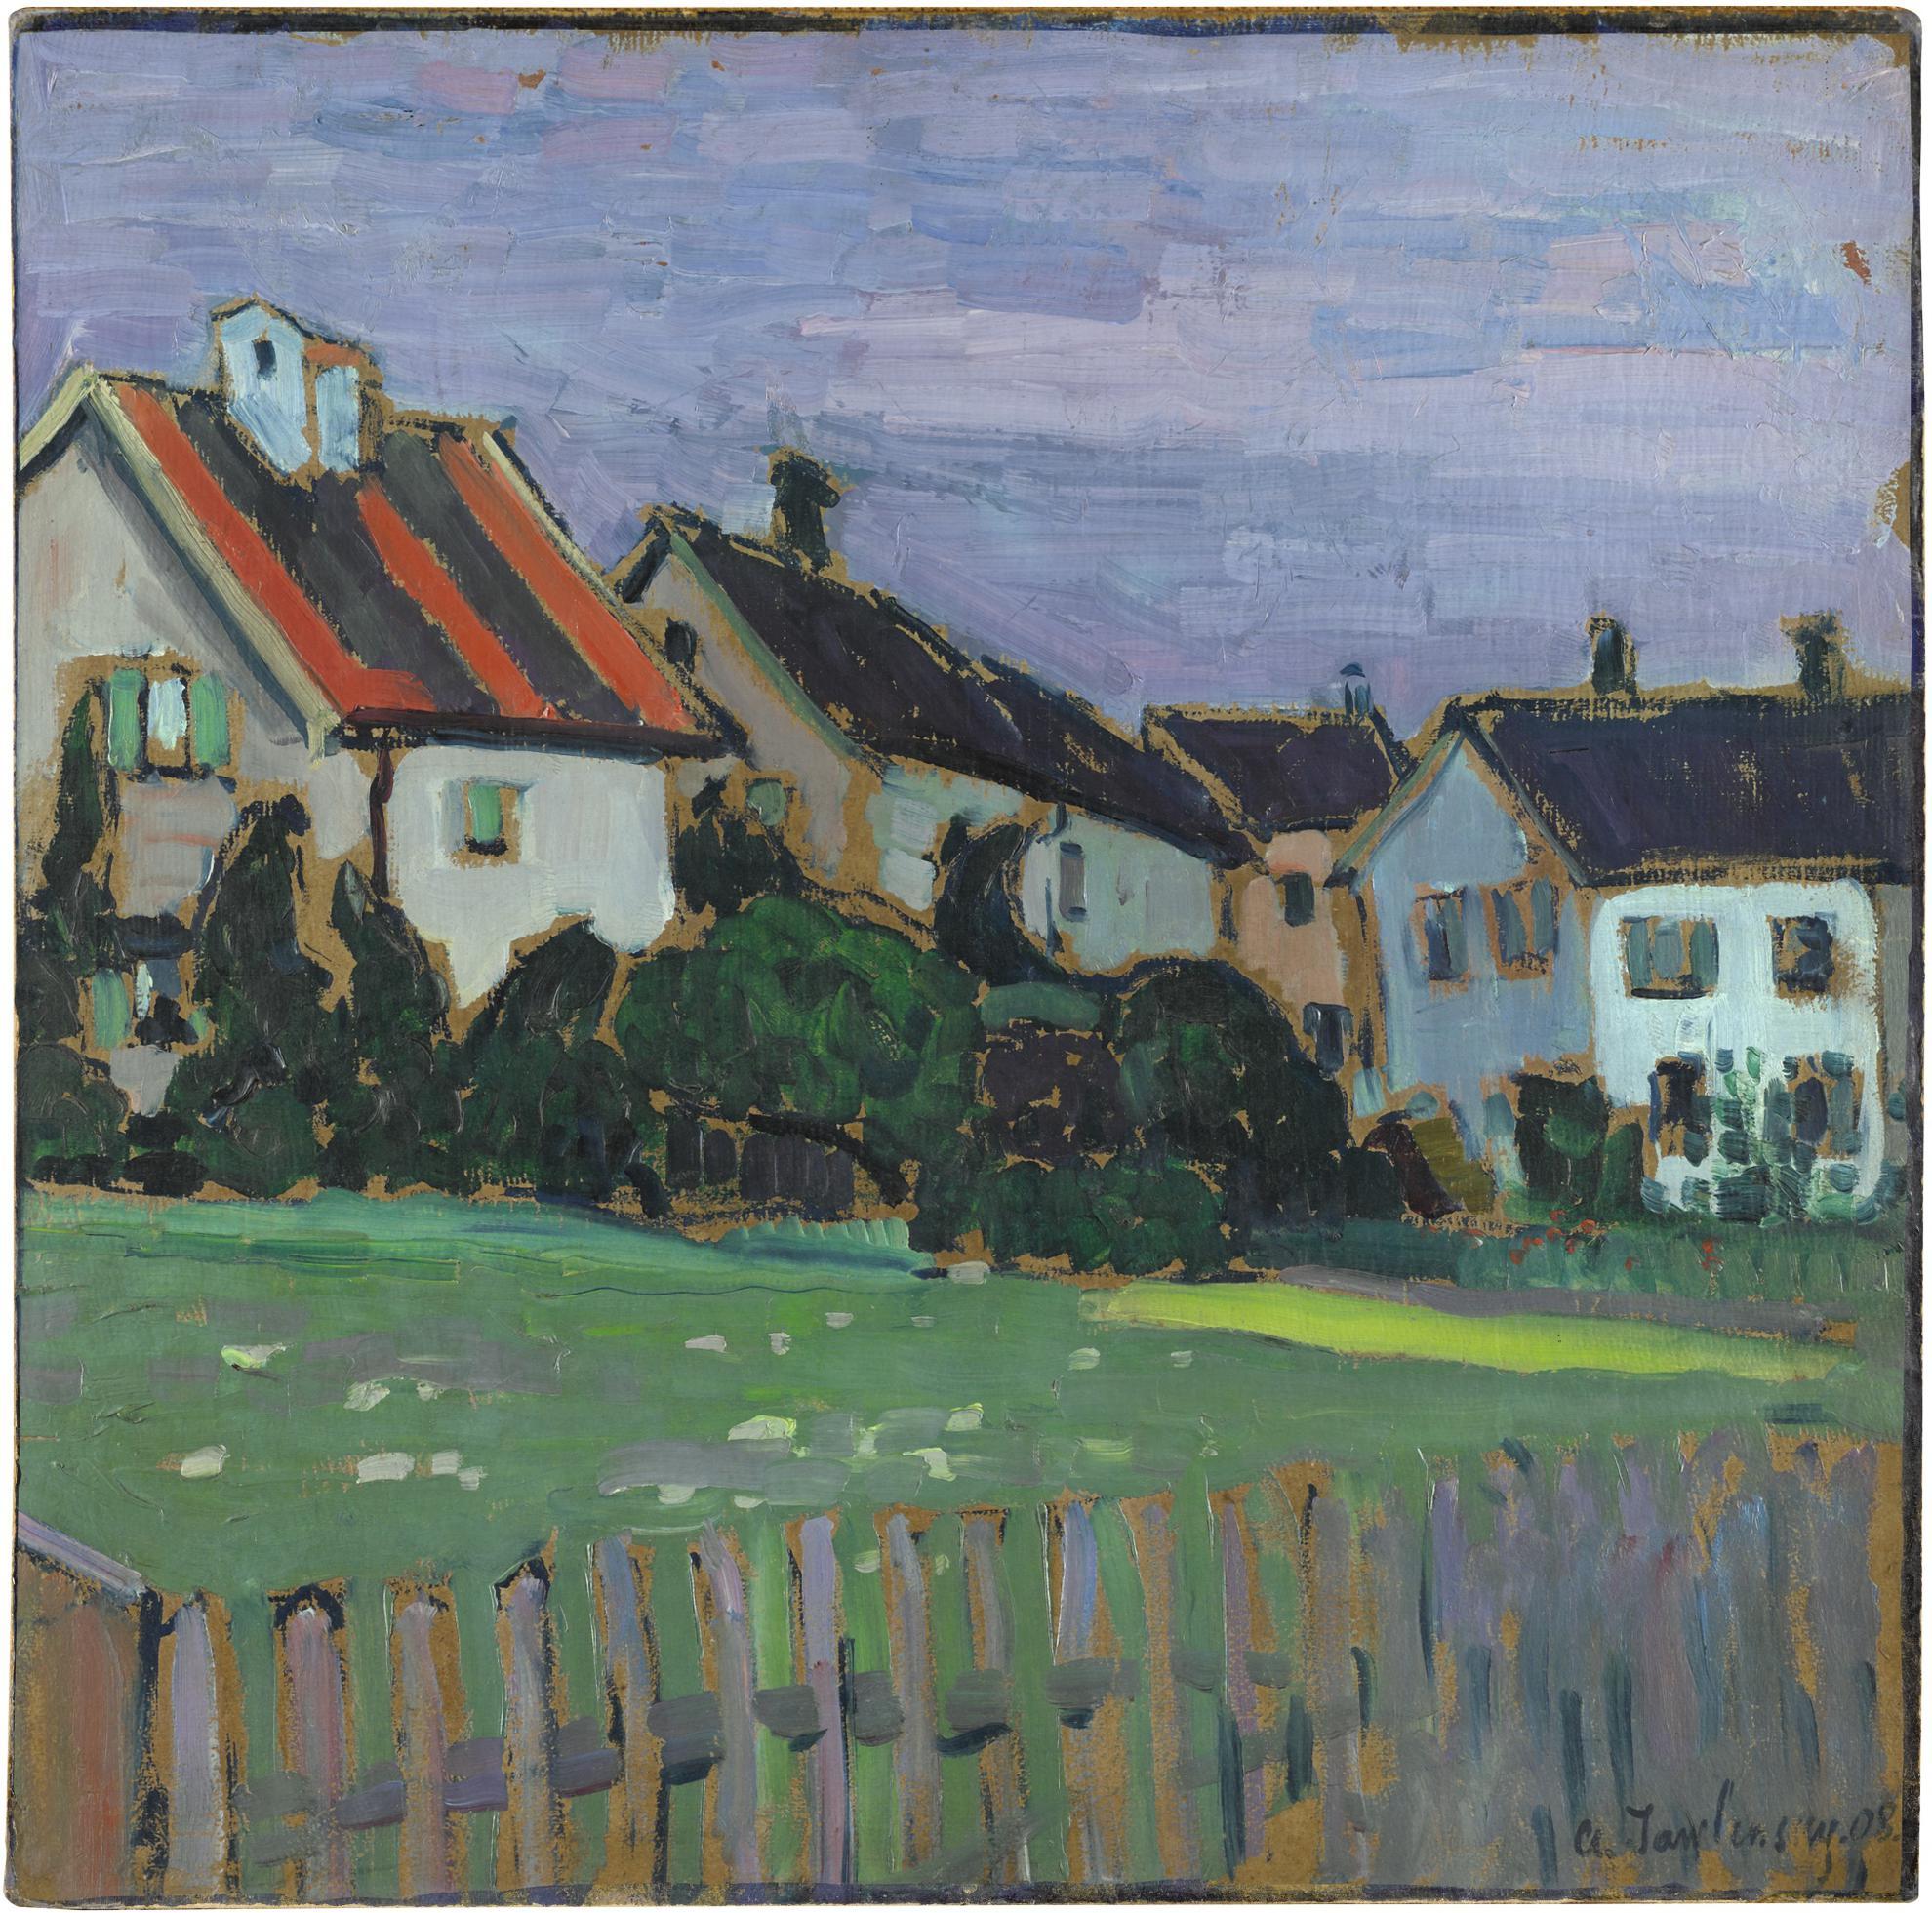 Alexej von Jawlensky-Hauser Mit Vorgarten (Houses With Front Gardens)-1908